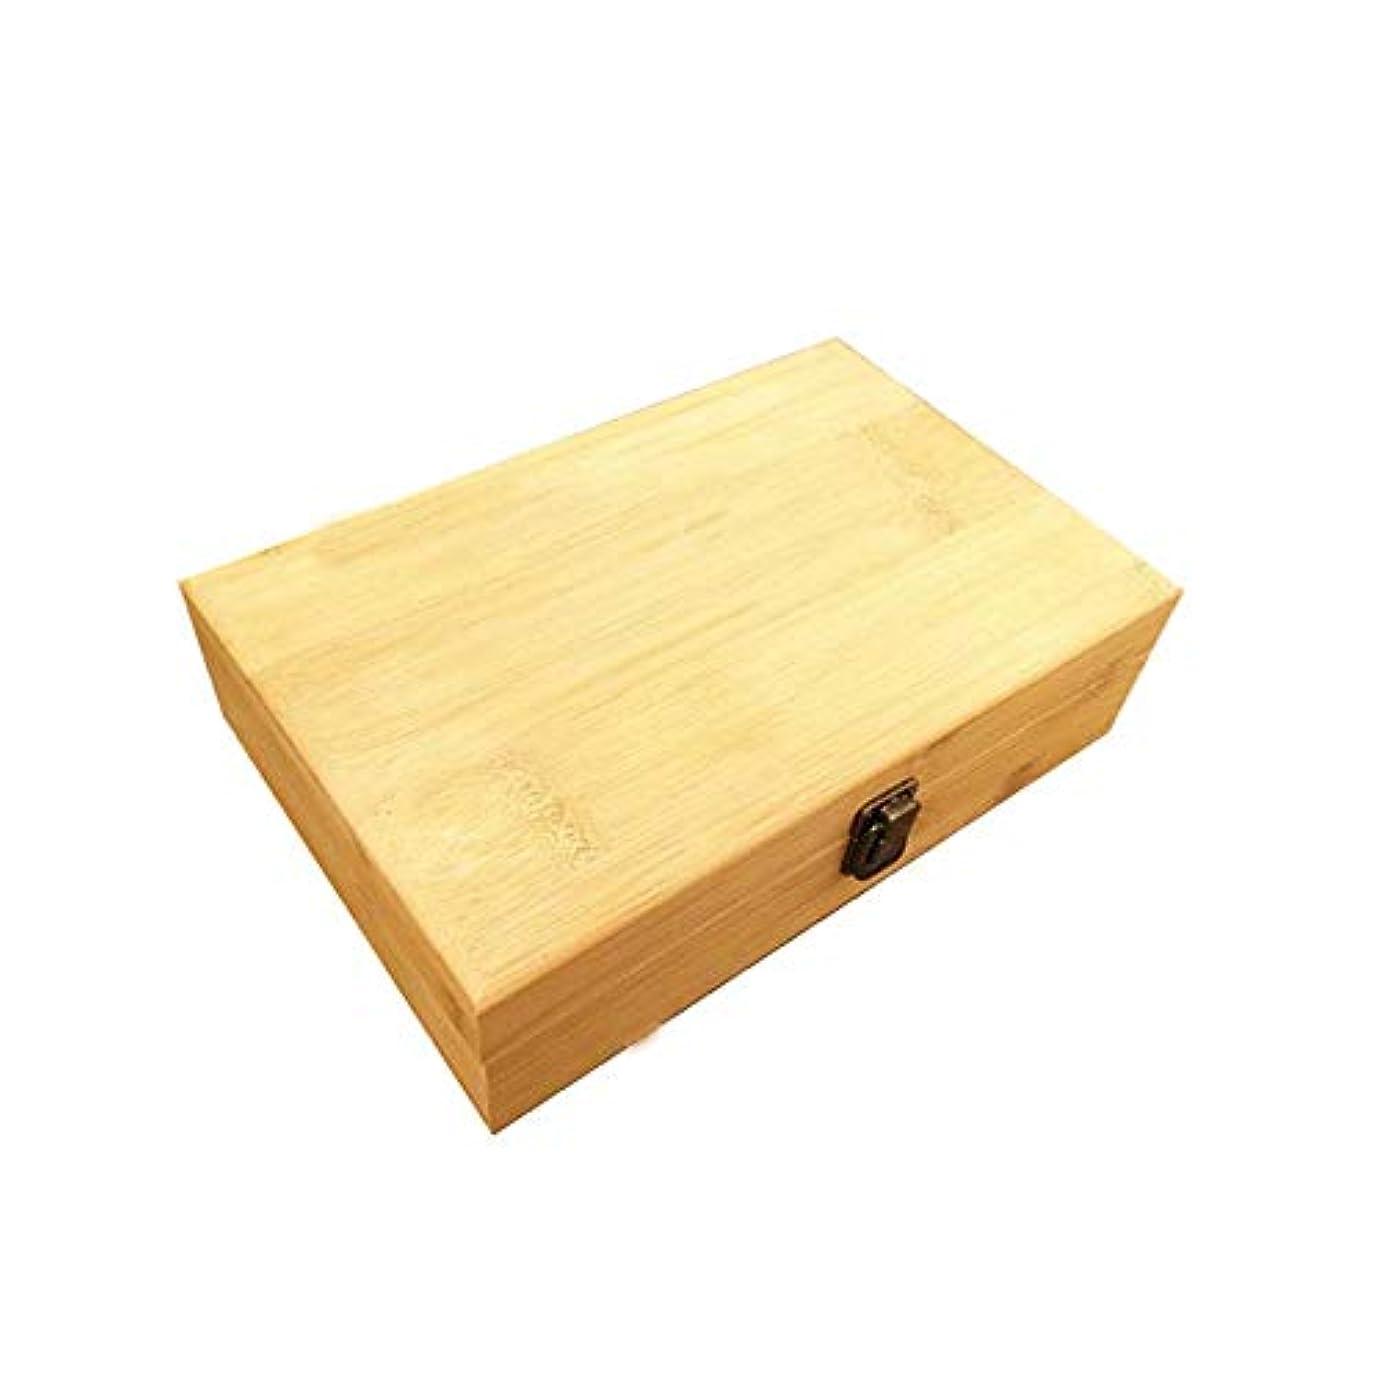 開発する軽蔑するファックスエッセンシャルオイル収納ボックス 40スロットエッセンシャルオイルボックス木製収納ケースは、40本のボトルエッセンシャルオイルスペースセーバー29x18.5x8cm成り立ちます (色 : Natural, サイズ : 29X18.5X8CM)